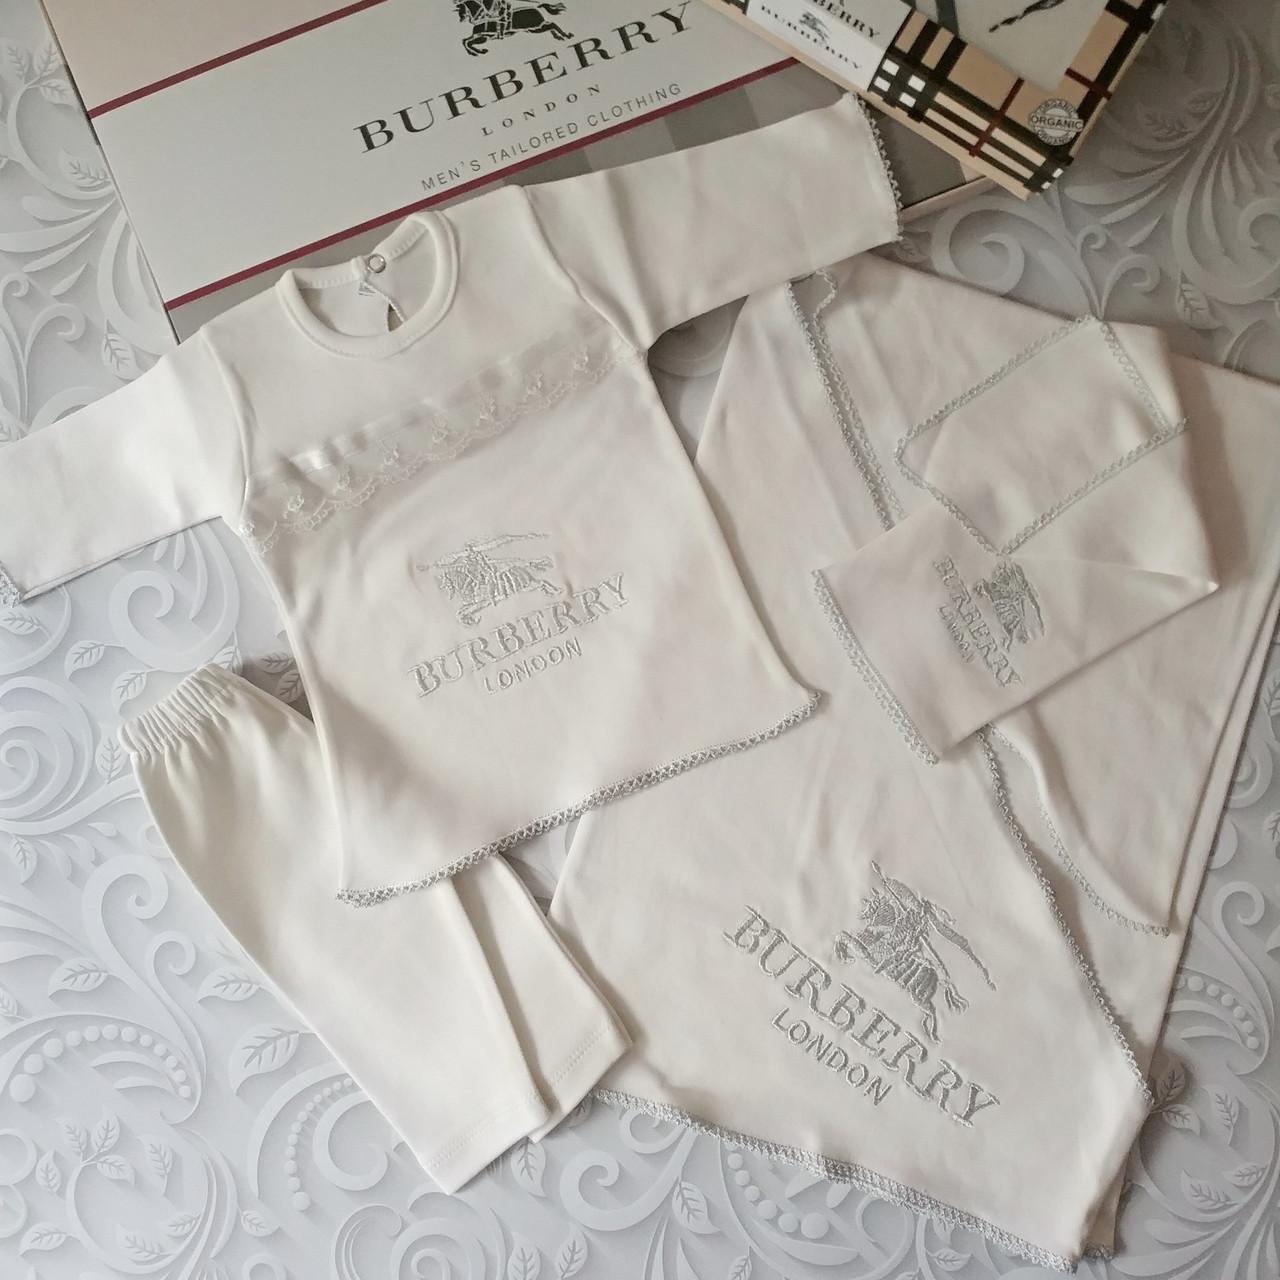 Комплект Burberry на выписку, в роддом, на крещение, 5 предметов